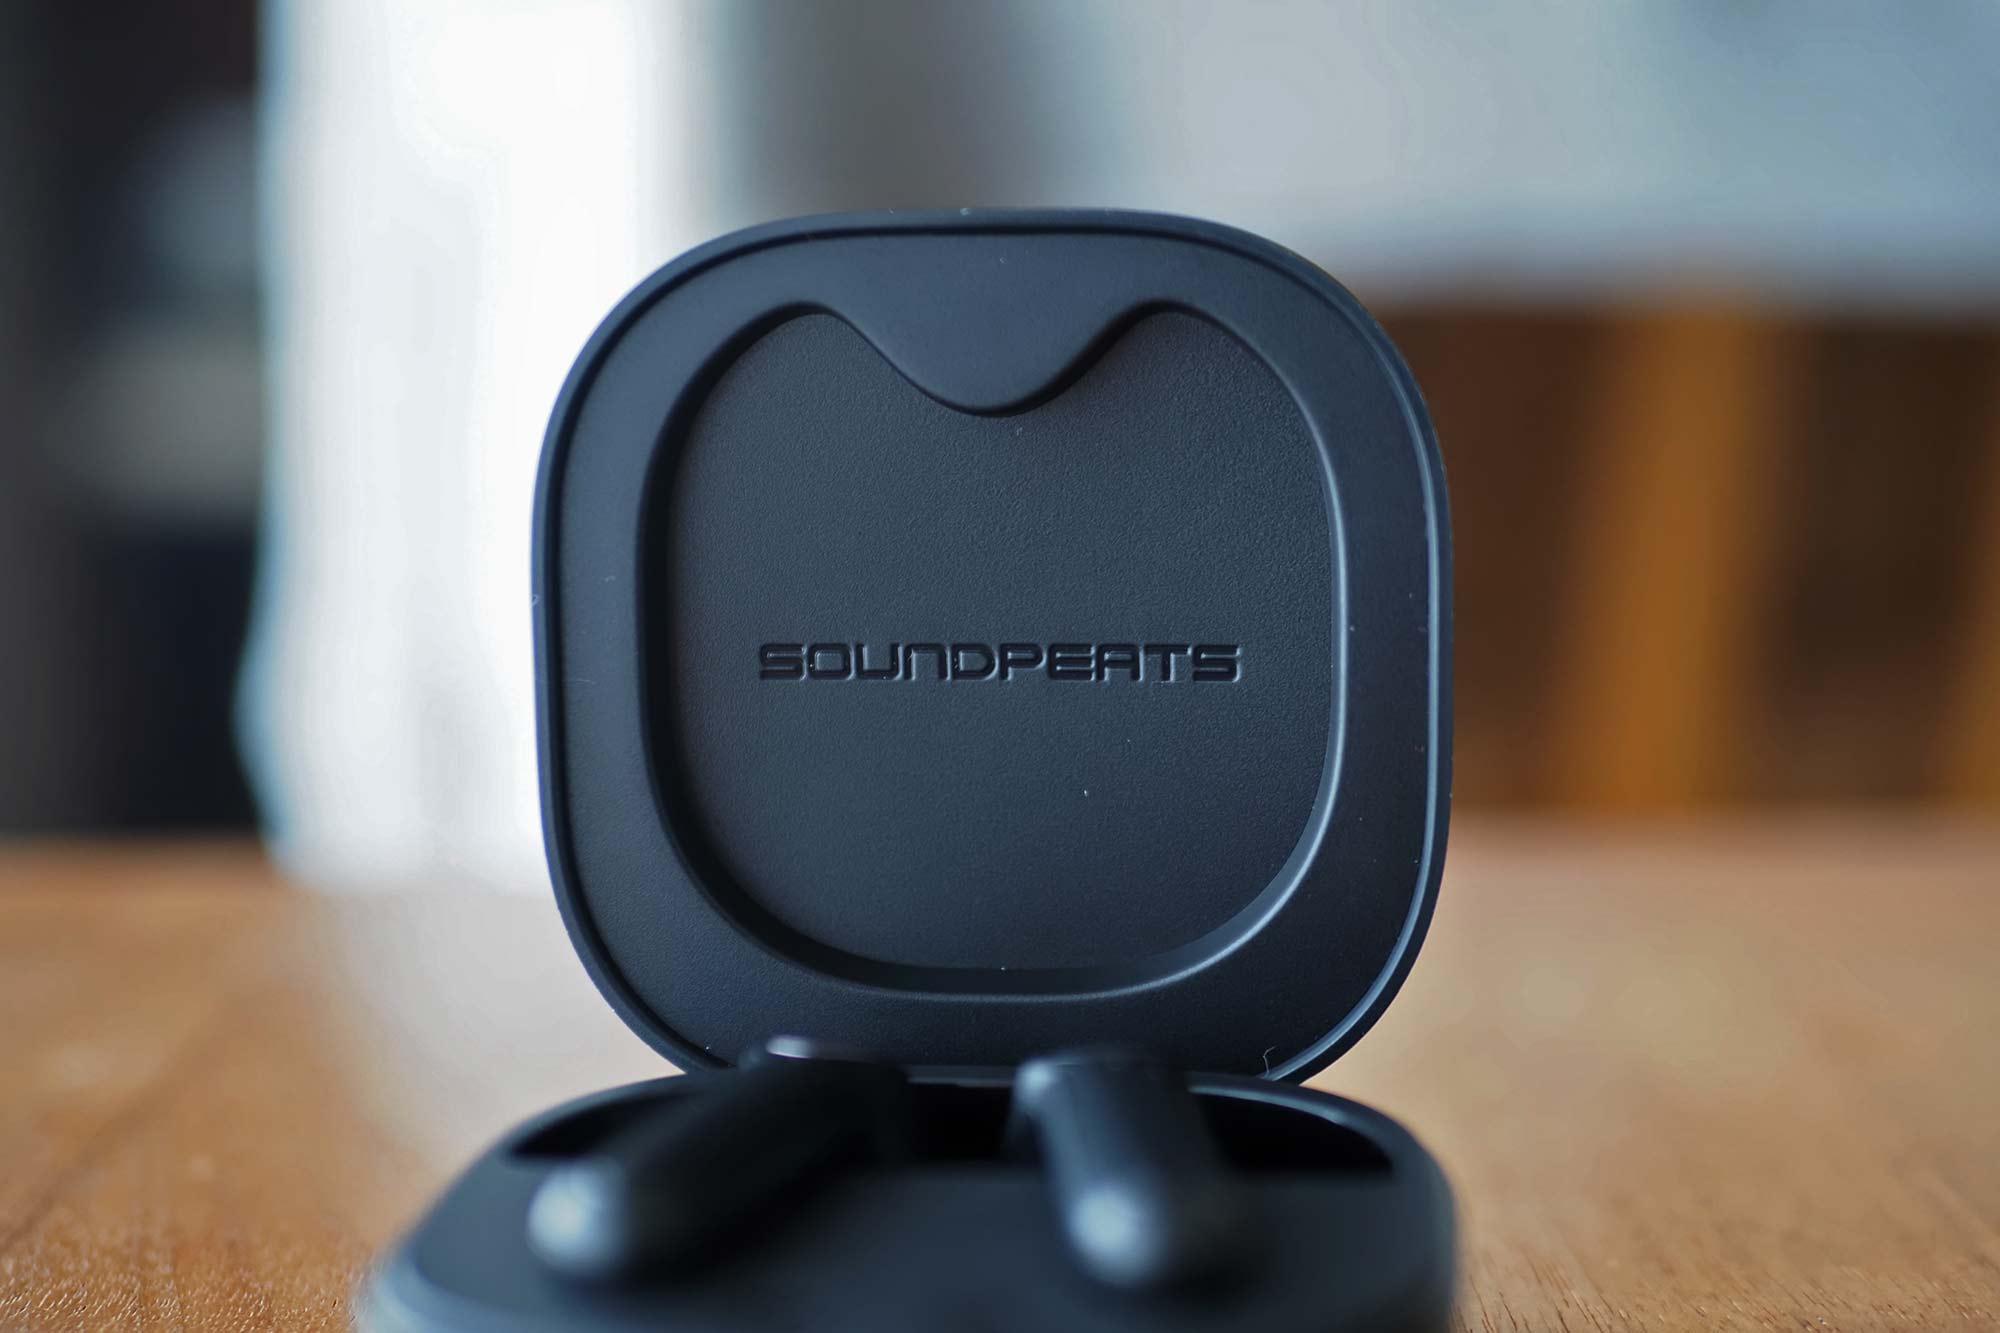 ワイヤレスイヤホン,サウンドピーツ,trueair2,soundpeats,ノイズキャンセリング,高音質,通話,安い,コスパ,ケース